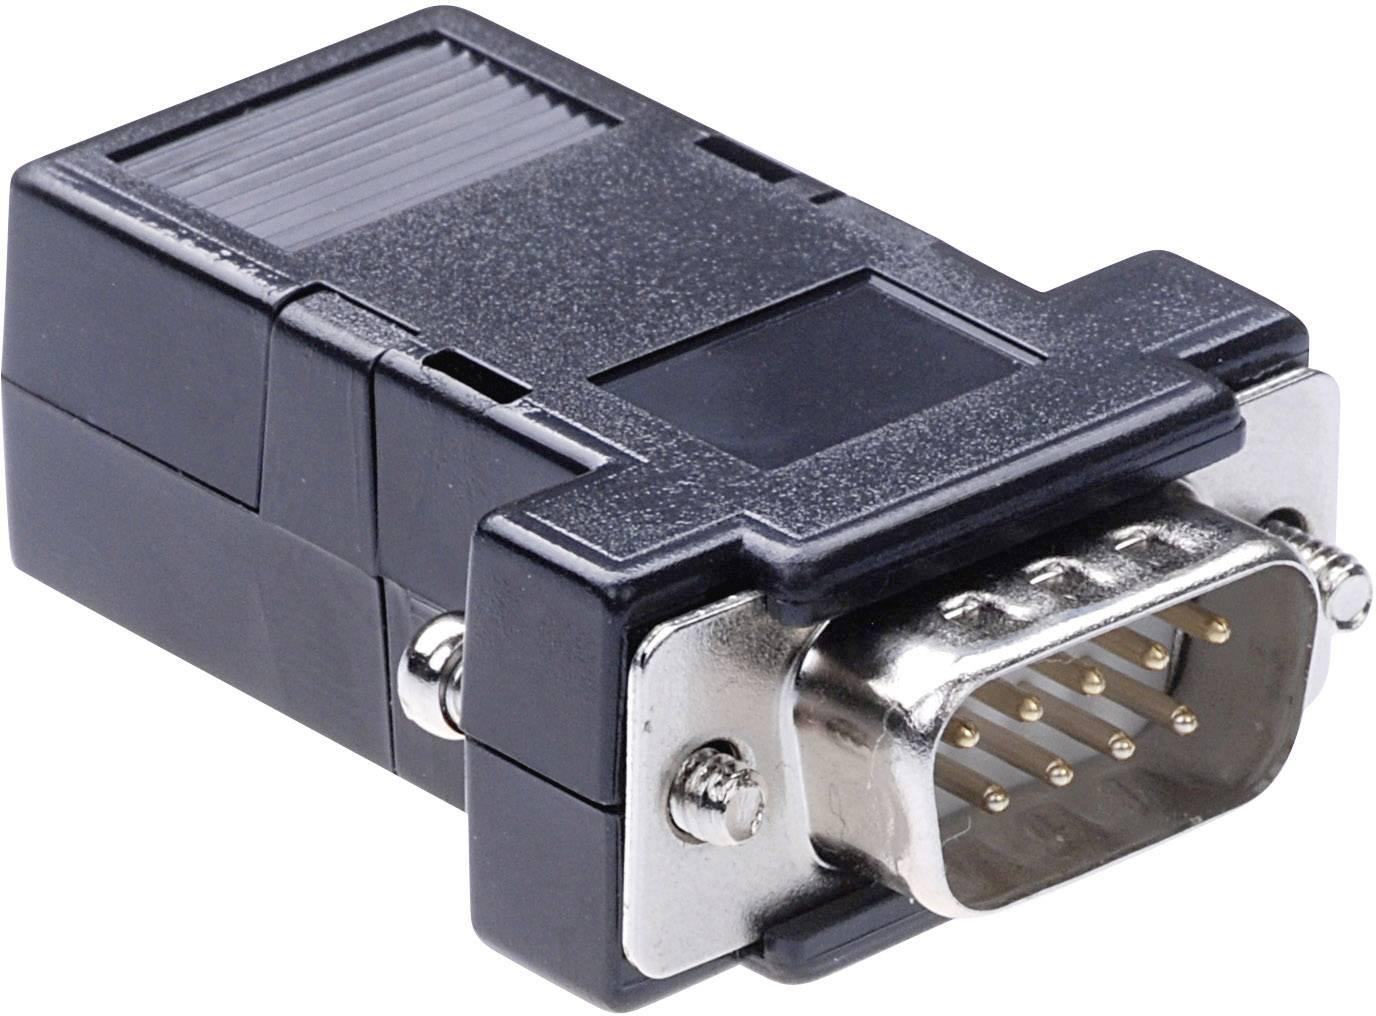 Bluetooth adaptér Taskit 545266, zástrčka (decentrálna)